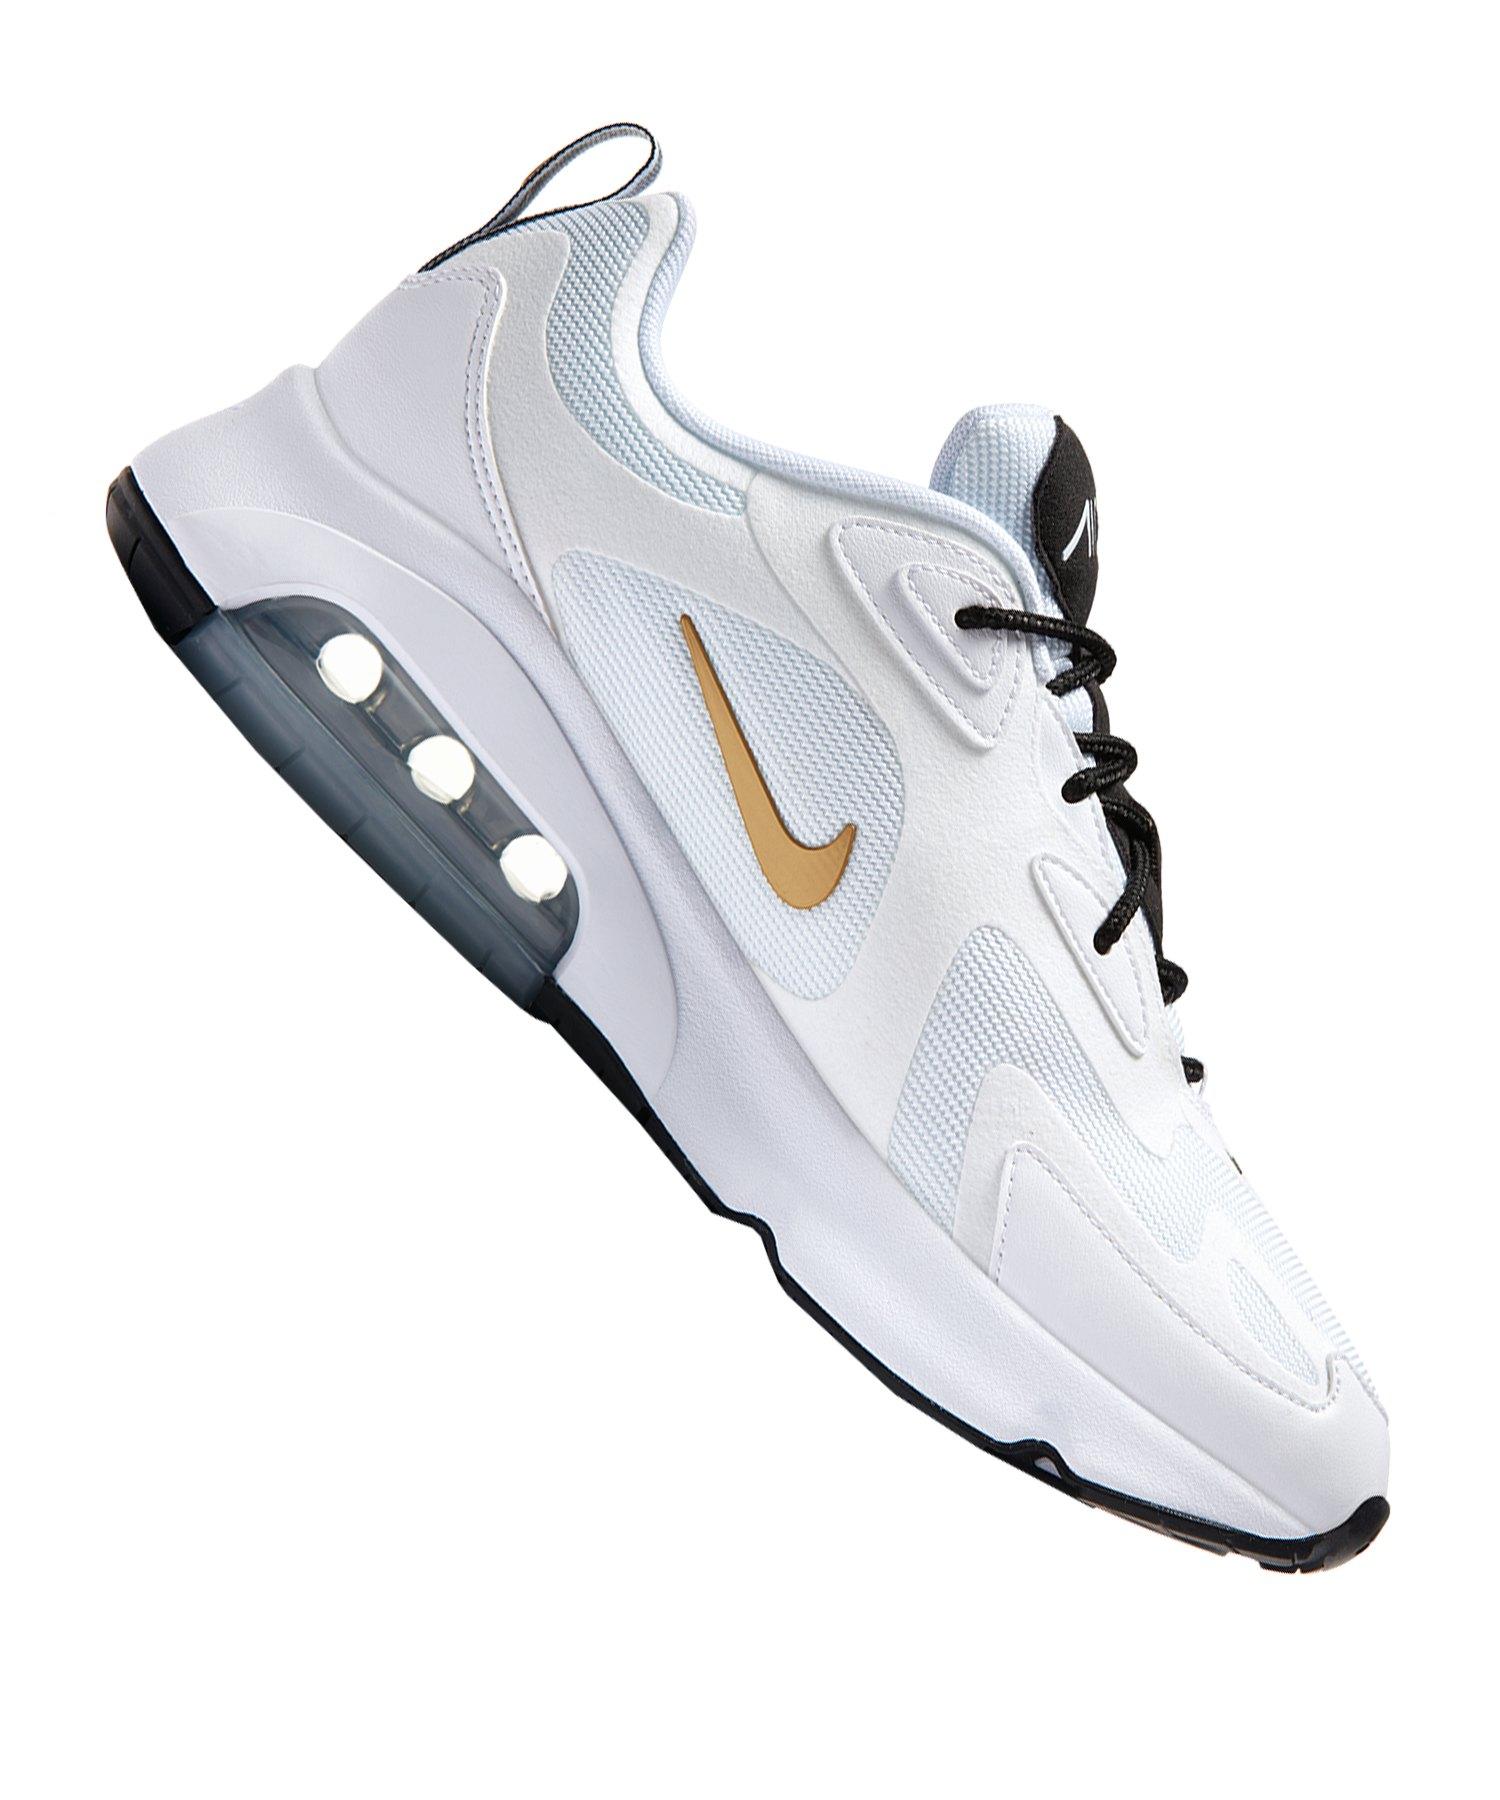 langlebig Nike Air Max 90 Youth GS Schuhe grau blau Weiß